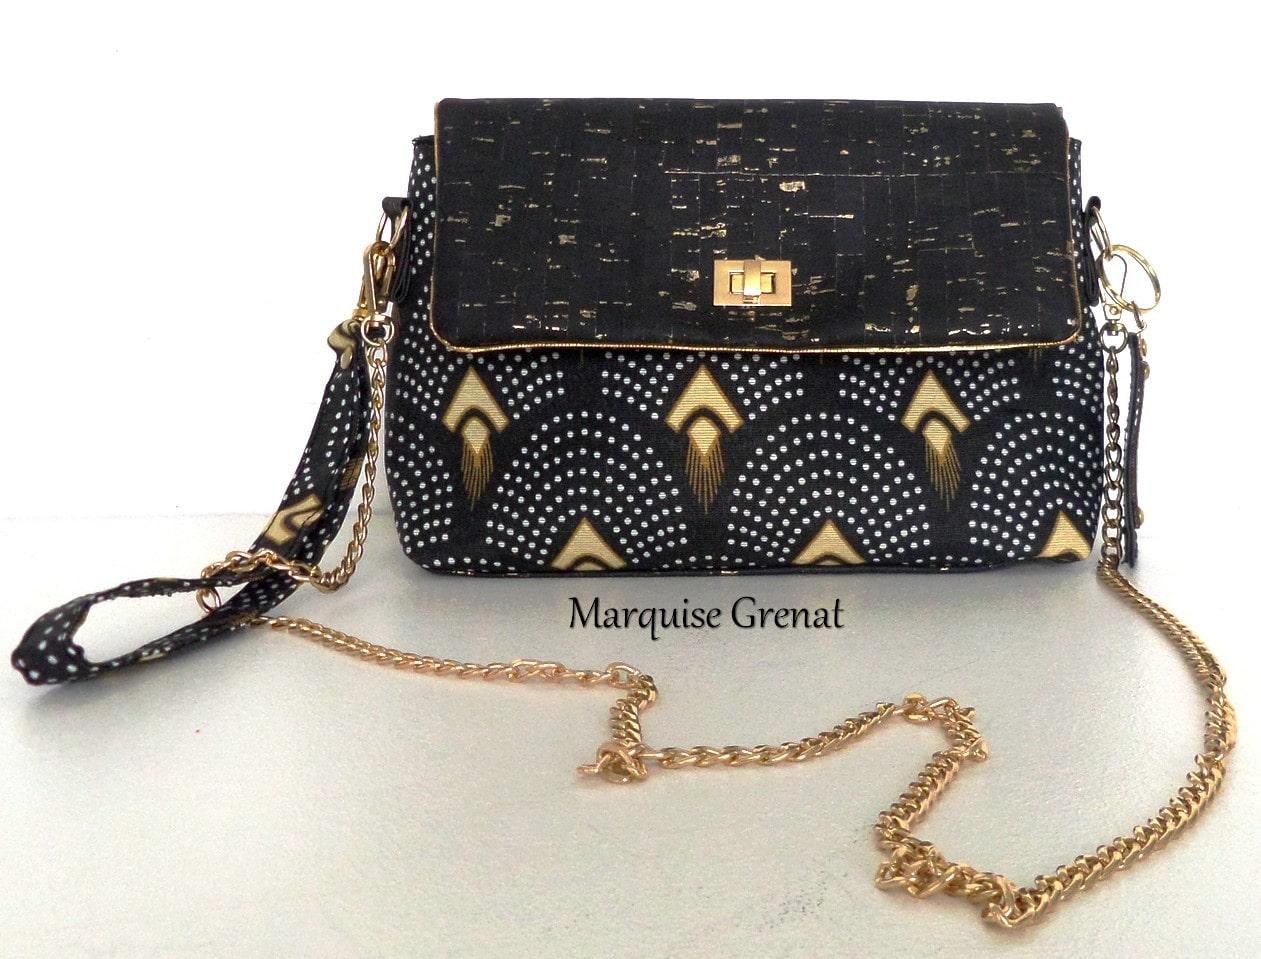 052487723d9c0 Pochettes créateur de jour ou soirée - Marquise Grenat - Bijoux ...